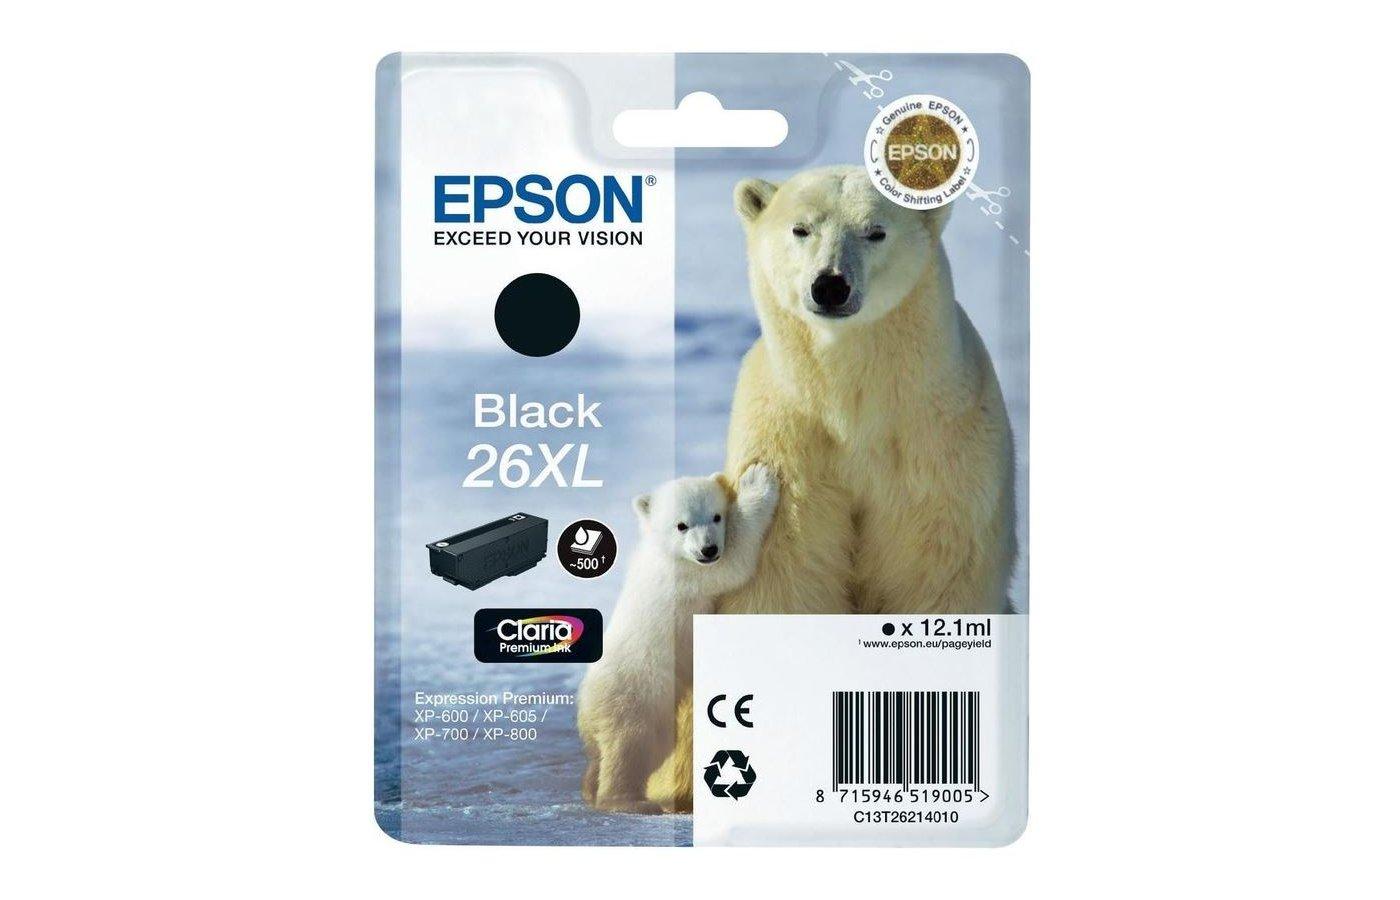 Картридж струйный Epson C13T26214010 картридж (Black XL для XP600/7/8 (черный))